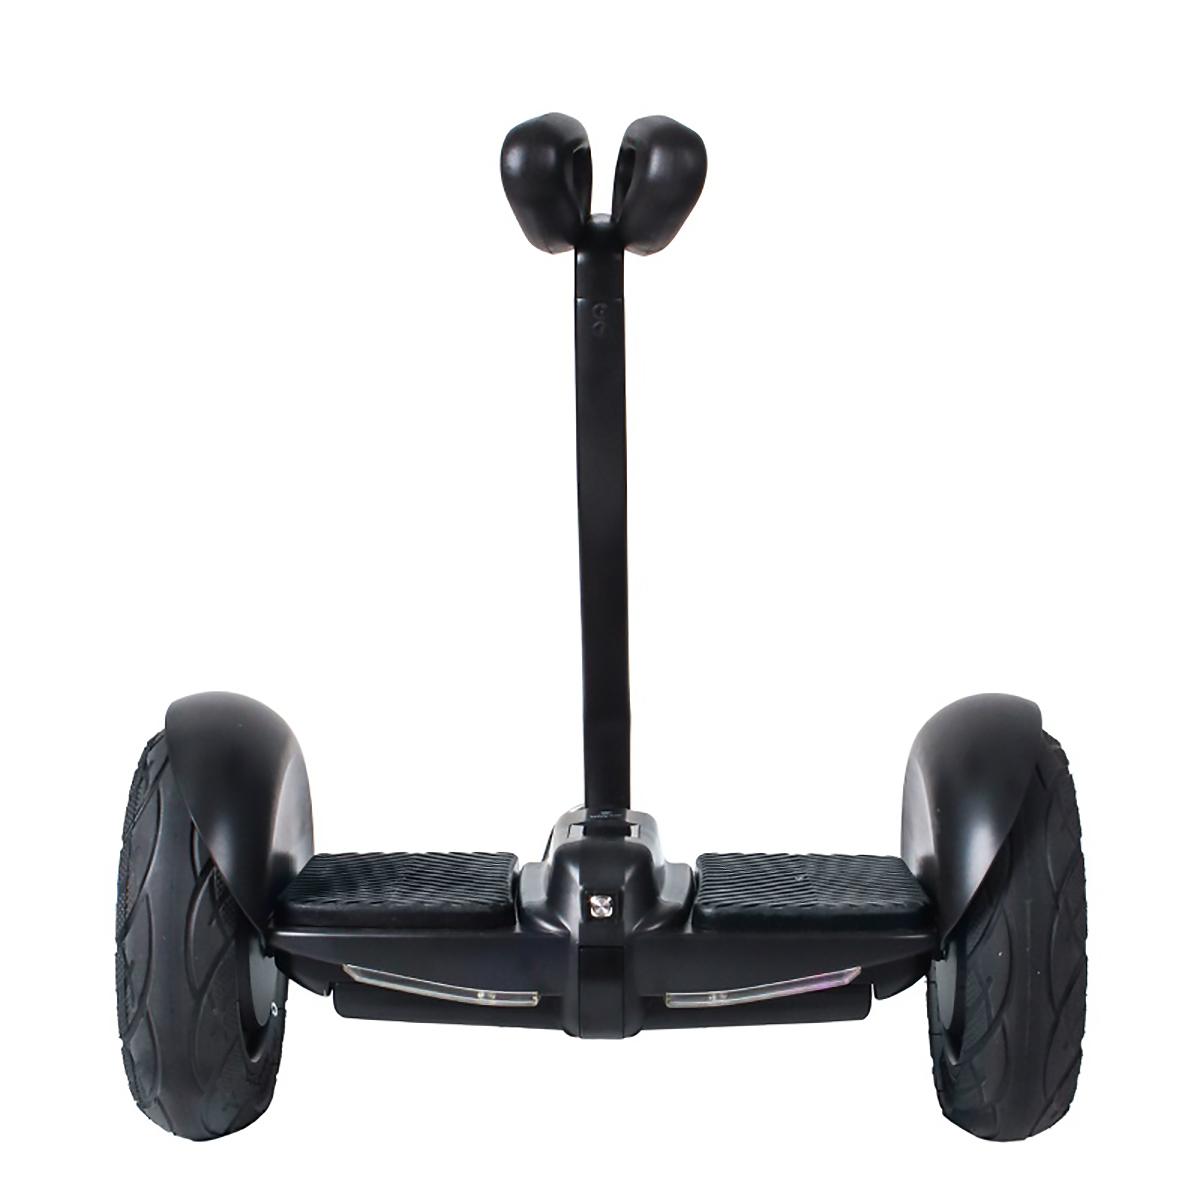 Гироскутер Hoverbot MINI, цвет: черныйAIRWHEEL X8-170WH-WHITEМини Сигвей Hoverbot mini представляет собой уменьшенную копию сигвея, управление которым осуществляется коленями. Данная модель Hoverbot'а развивает максимальную скорость в 16 км/ч и преодолевает расстояние на одном заряде до 22 км. Имеет световую подсветку и габариты на передней части корпуса. Лёгкое в управление устройство Hoverbot mini станет незаменимым спутником в прогулках по паркам, езде на работу, его можно легко поднять и перенести в другое место. В комплект входит зарядное устройство и пульт управления. Технические характеристики: Возможная дистанция: 22 кмМаксимальная скорость: 16 км/чАккумулятор: Lithium 54 V 4.4AHРазмер колеса: 10 dМощность мотора: 2x350W Максимальная нагрузка: 100 кгВремя заряда/сеть: 120 мин/220ВВес нетто: 12.3 кгВес брутто: 14,1 кгВлагозащита: IP55Условия эксплуатации: -10°C + 50°C. Bluetooth. Приложение Mini Robot. Комплектация: Зарядное устройство, гарантийный талон, сертификат, инструкция